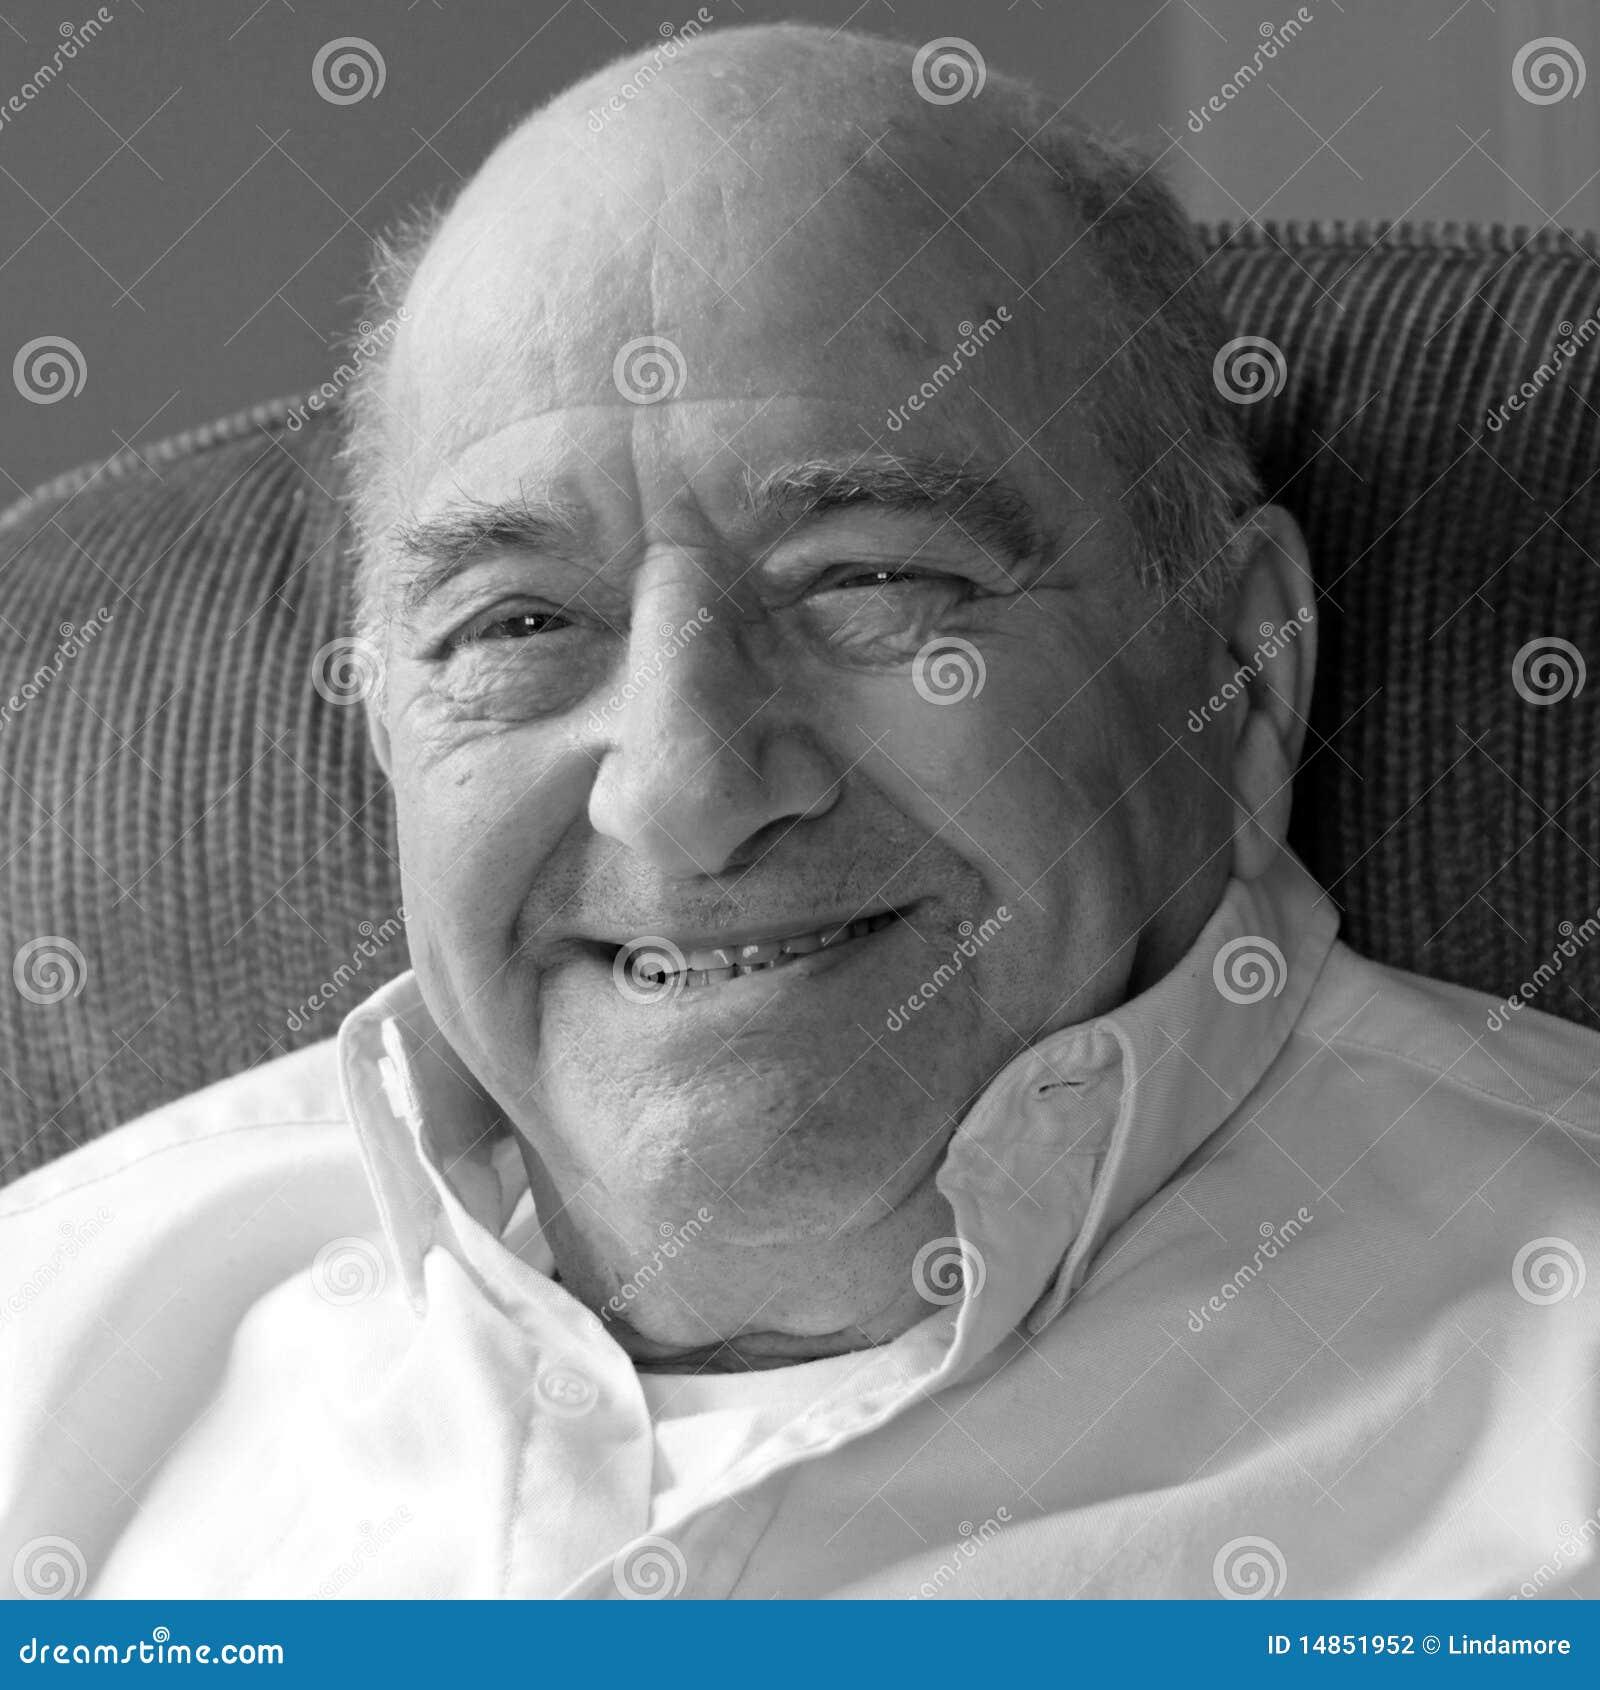 Happy, smiling senior man looking at camera